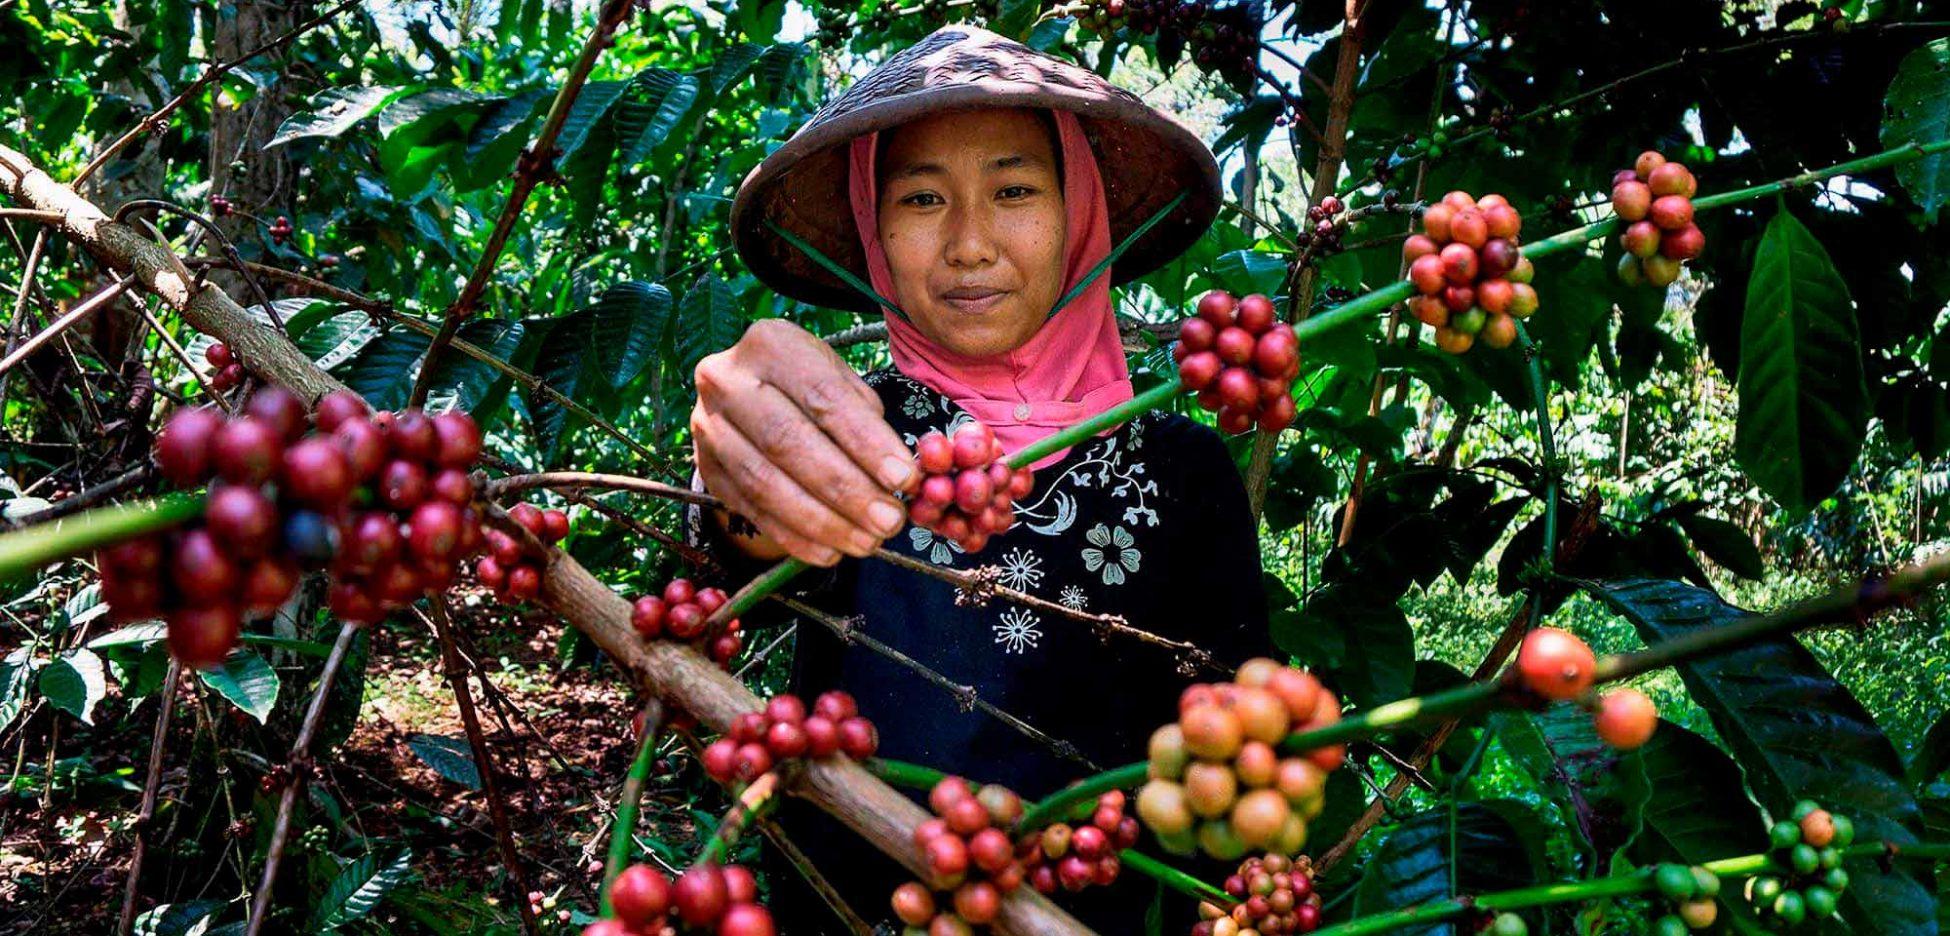 alliance vending distribuidor de café de comercio justo con certificación fairtrade